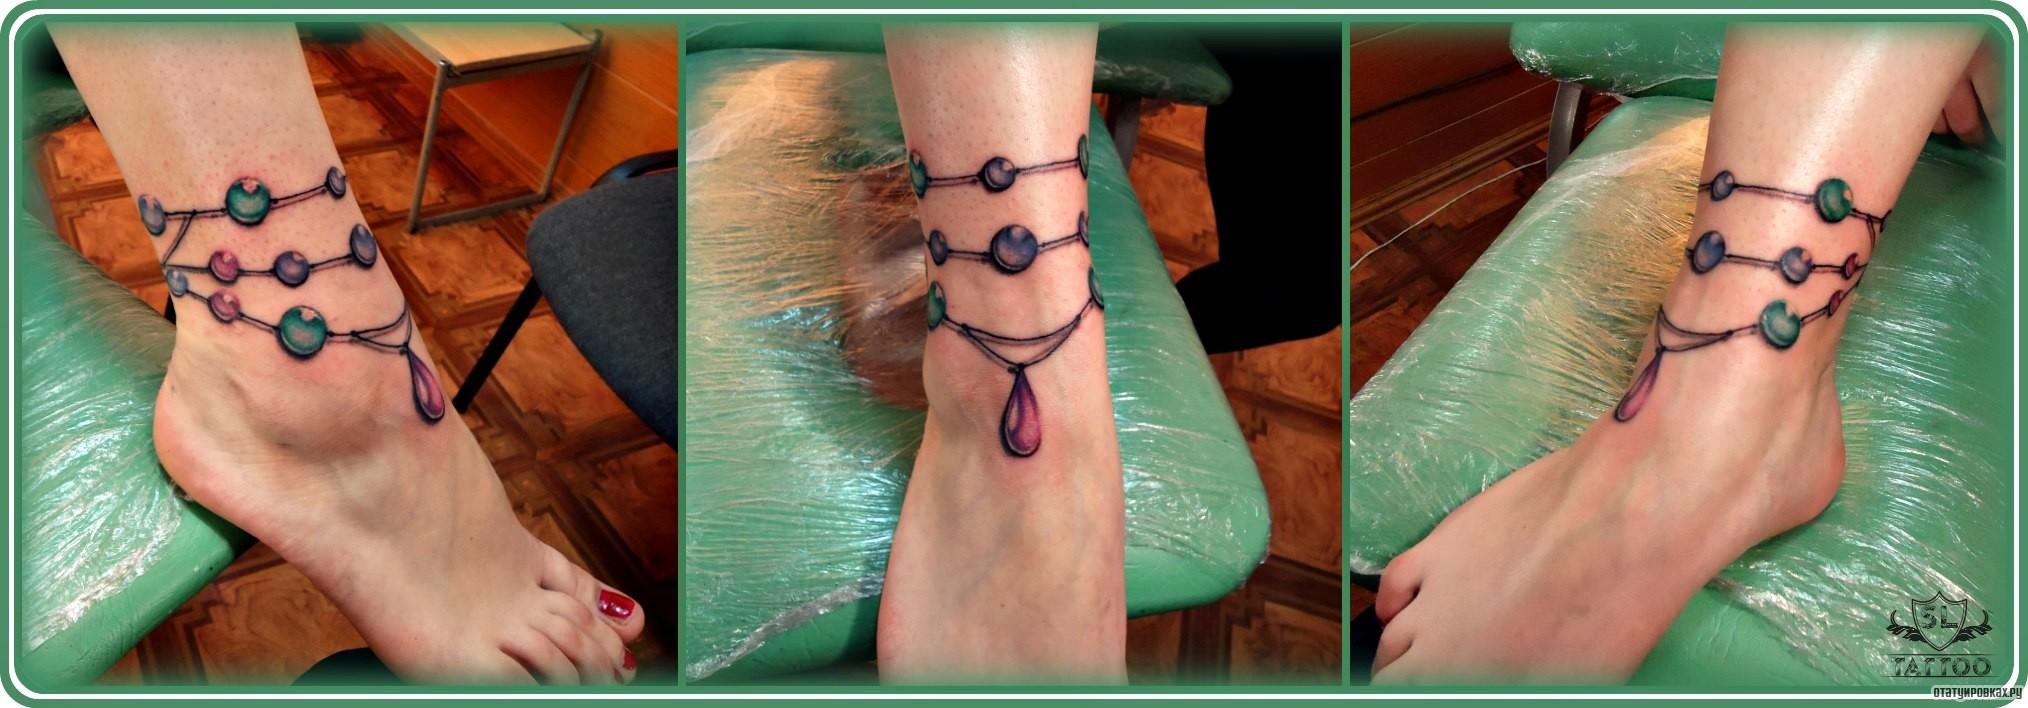 Тату на ноге для девушек маленькие татуировки на ноге, надписи, узоры